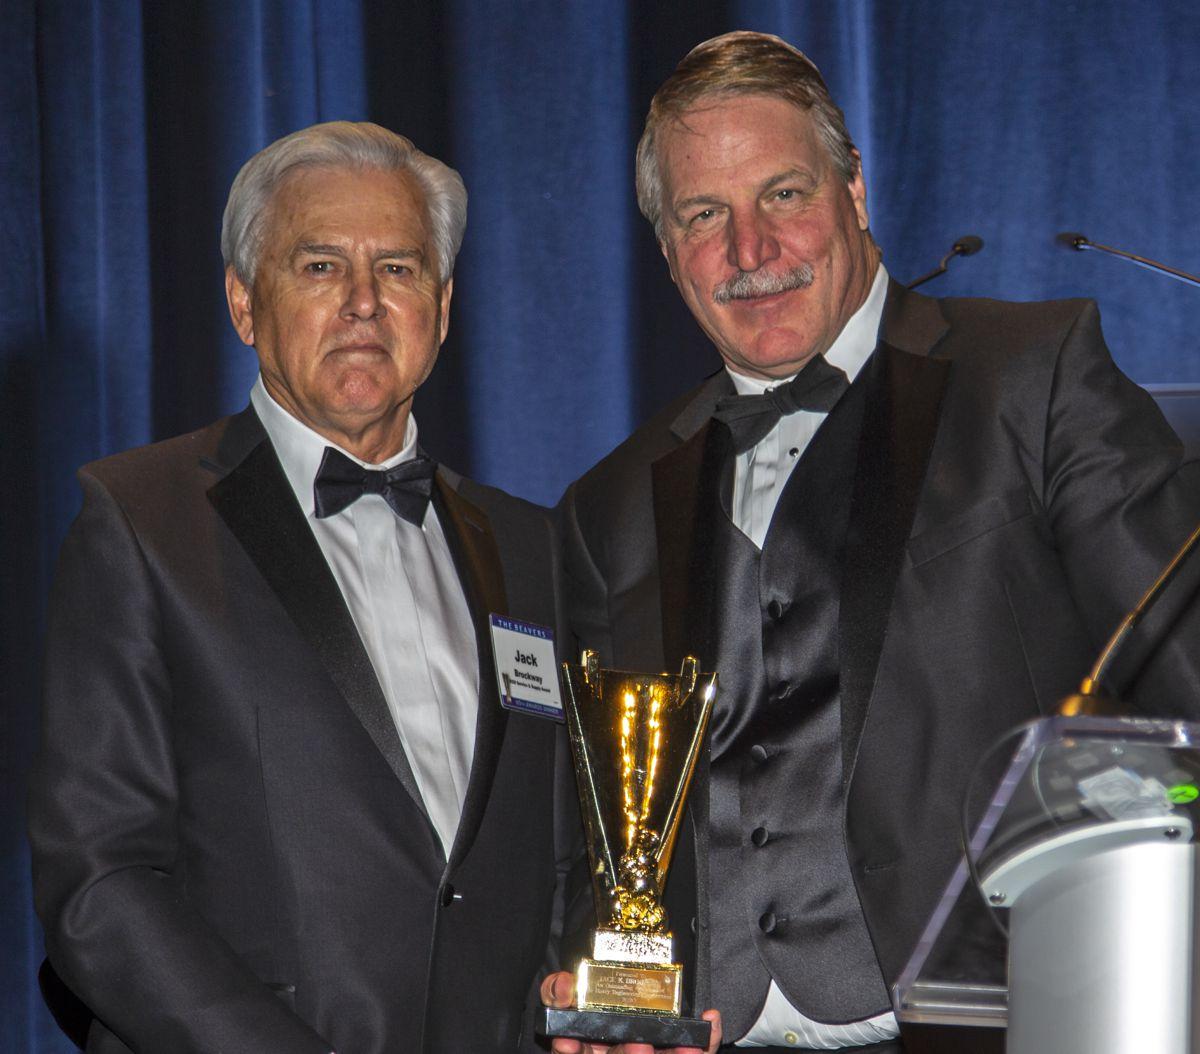 Herrenknecht prestigious Golden Beaver awarded to Jack Brockway